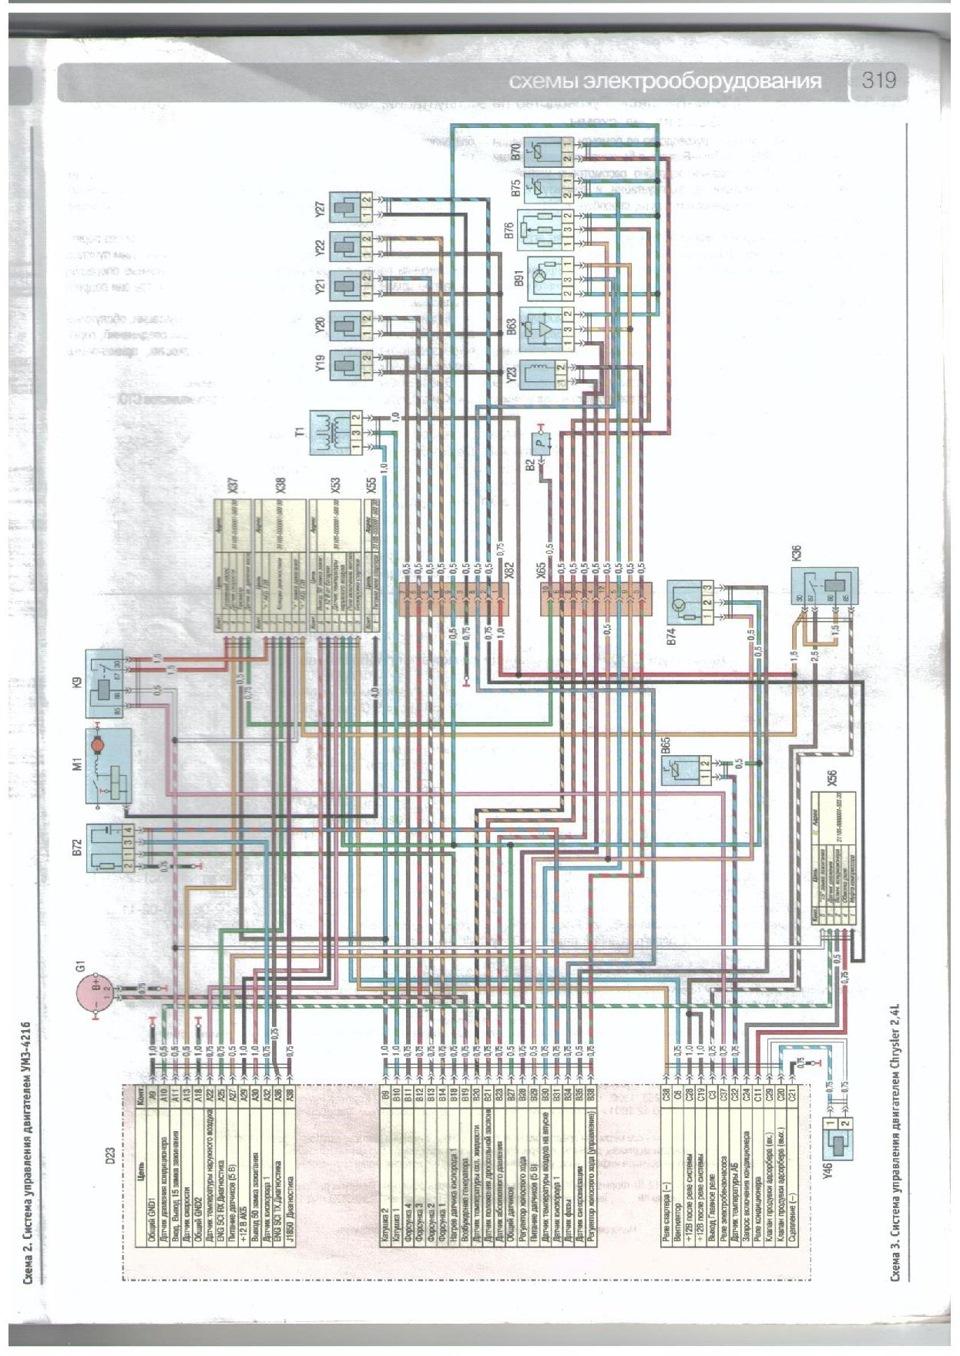 Схема электропроводки на газель 2705